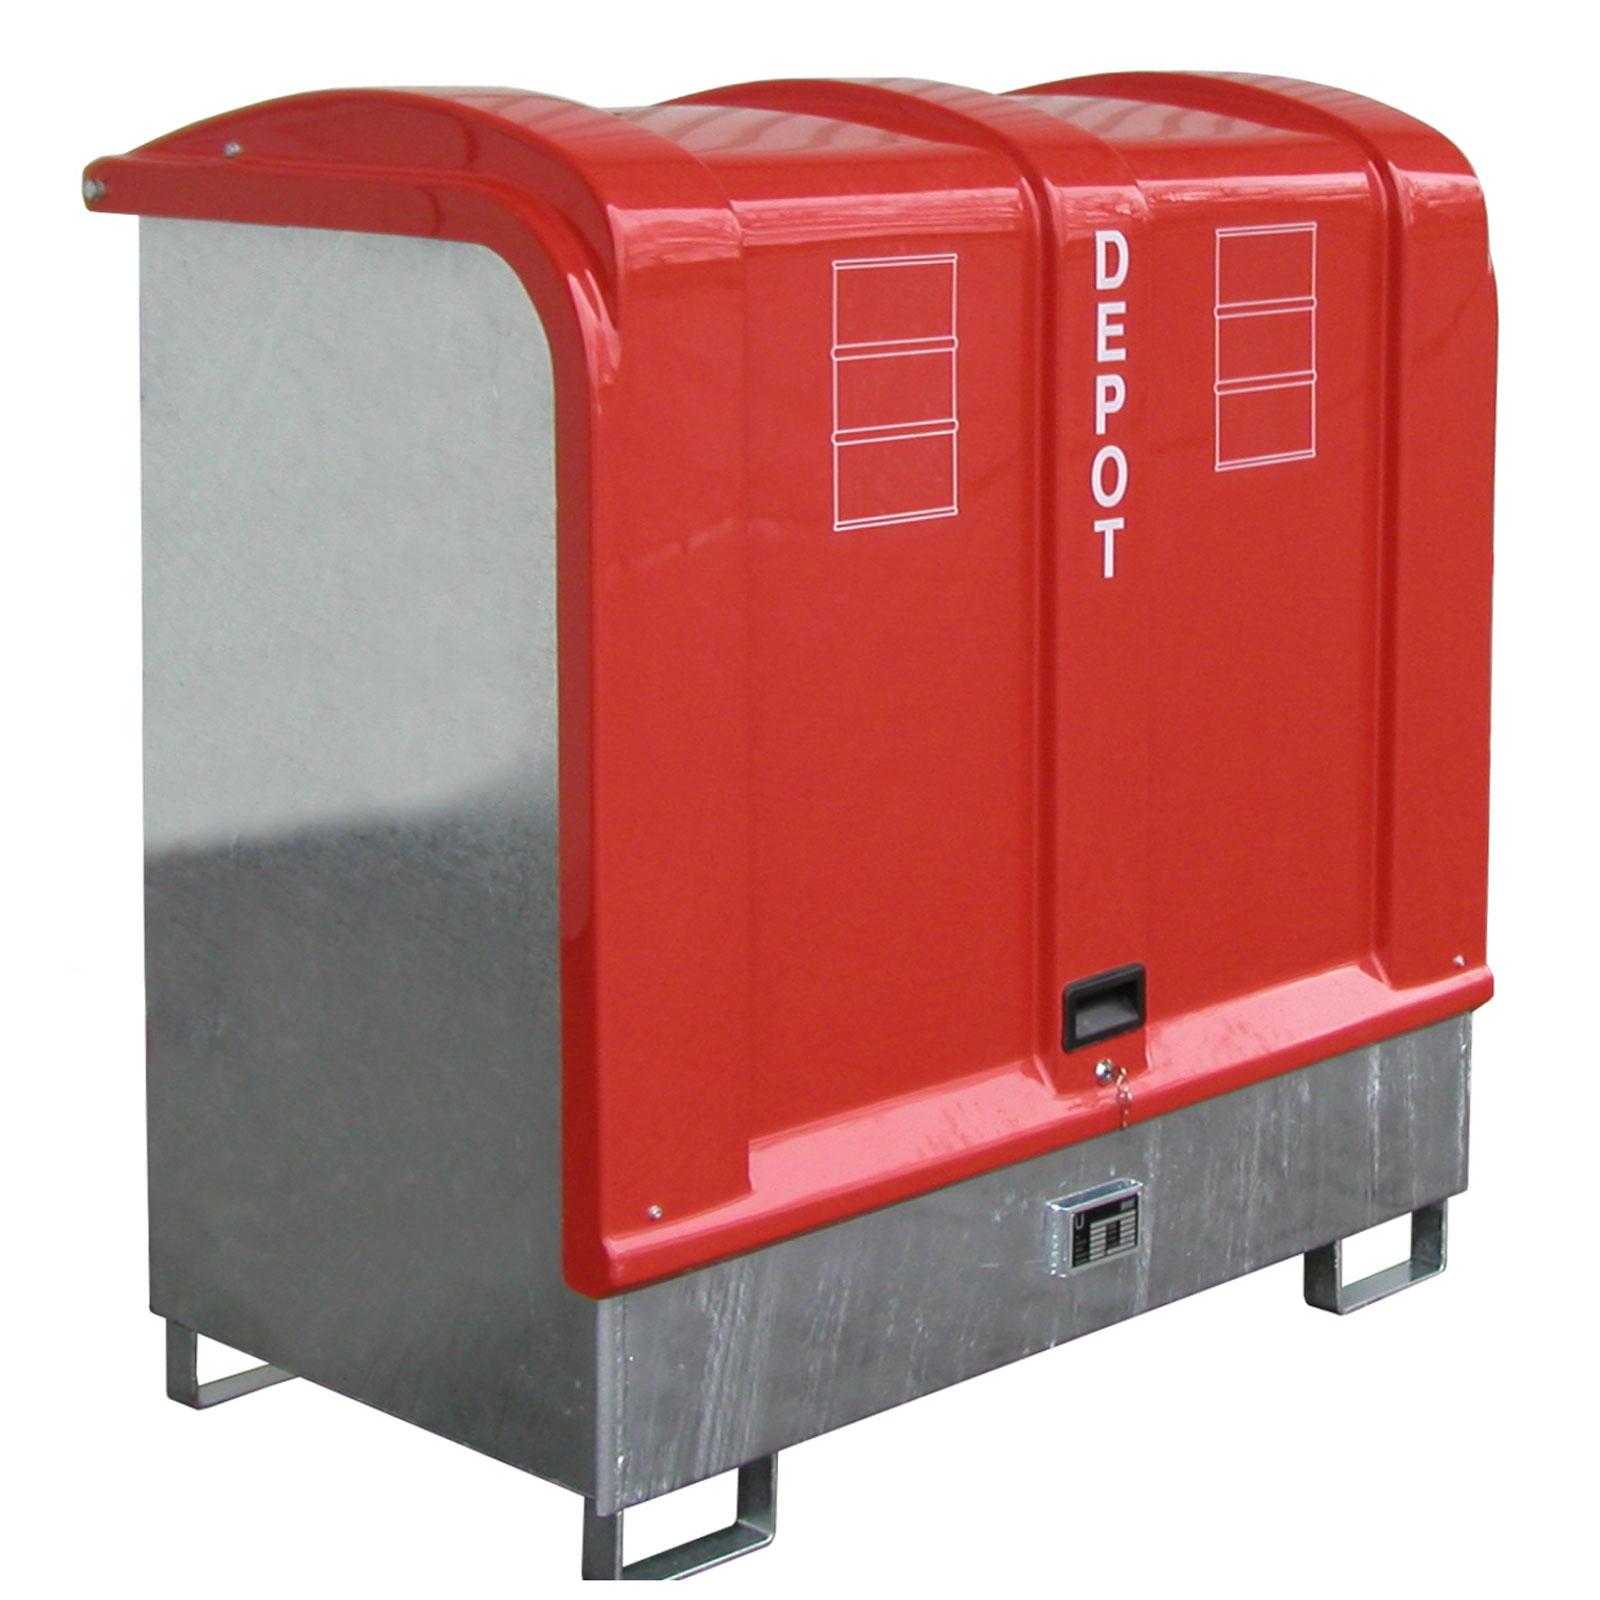 Bauer Gefahrstoff-Depot GD-B, für Außenbereich mit Spritzschutzwand und GFK-Haube, feuerverzinkt 4416-02-0000-7